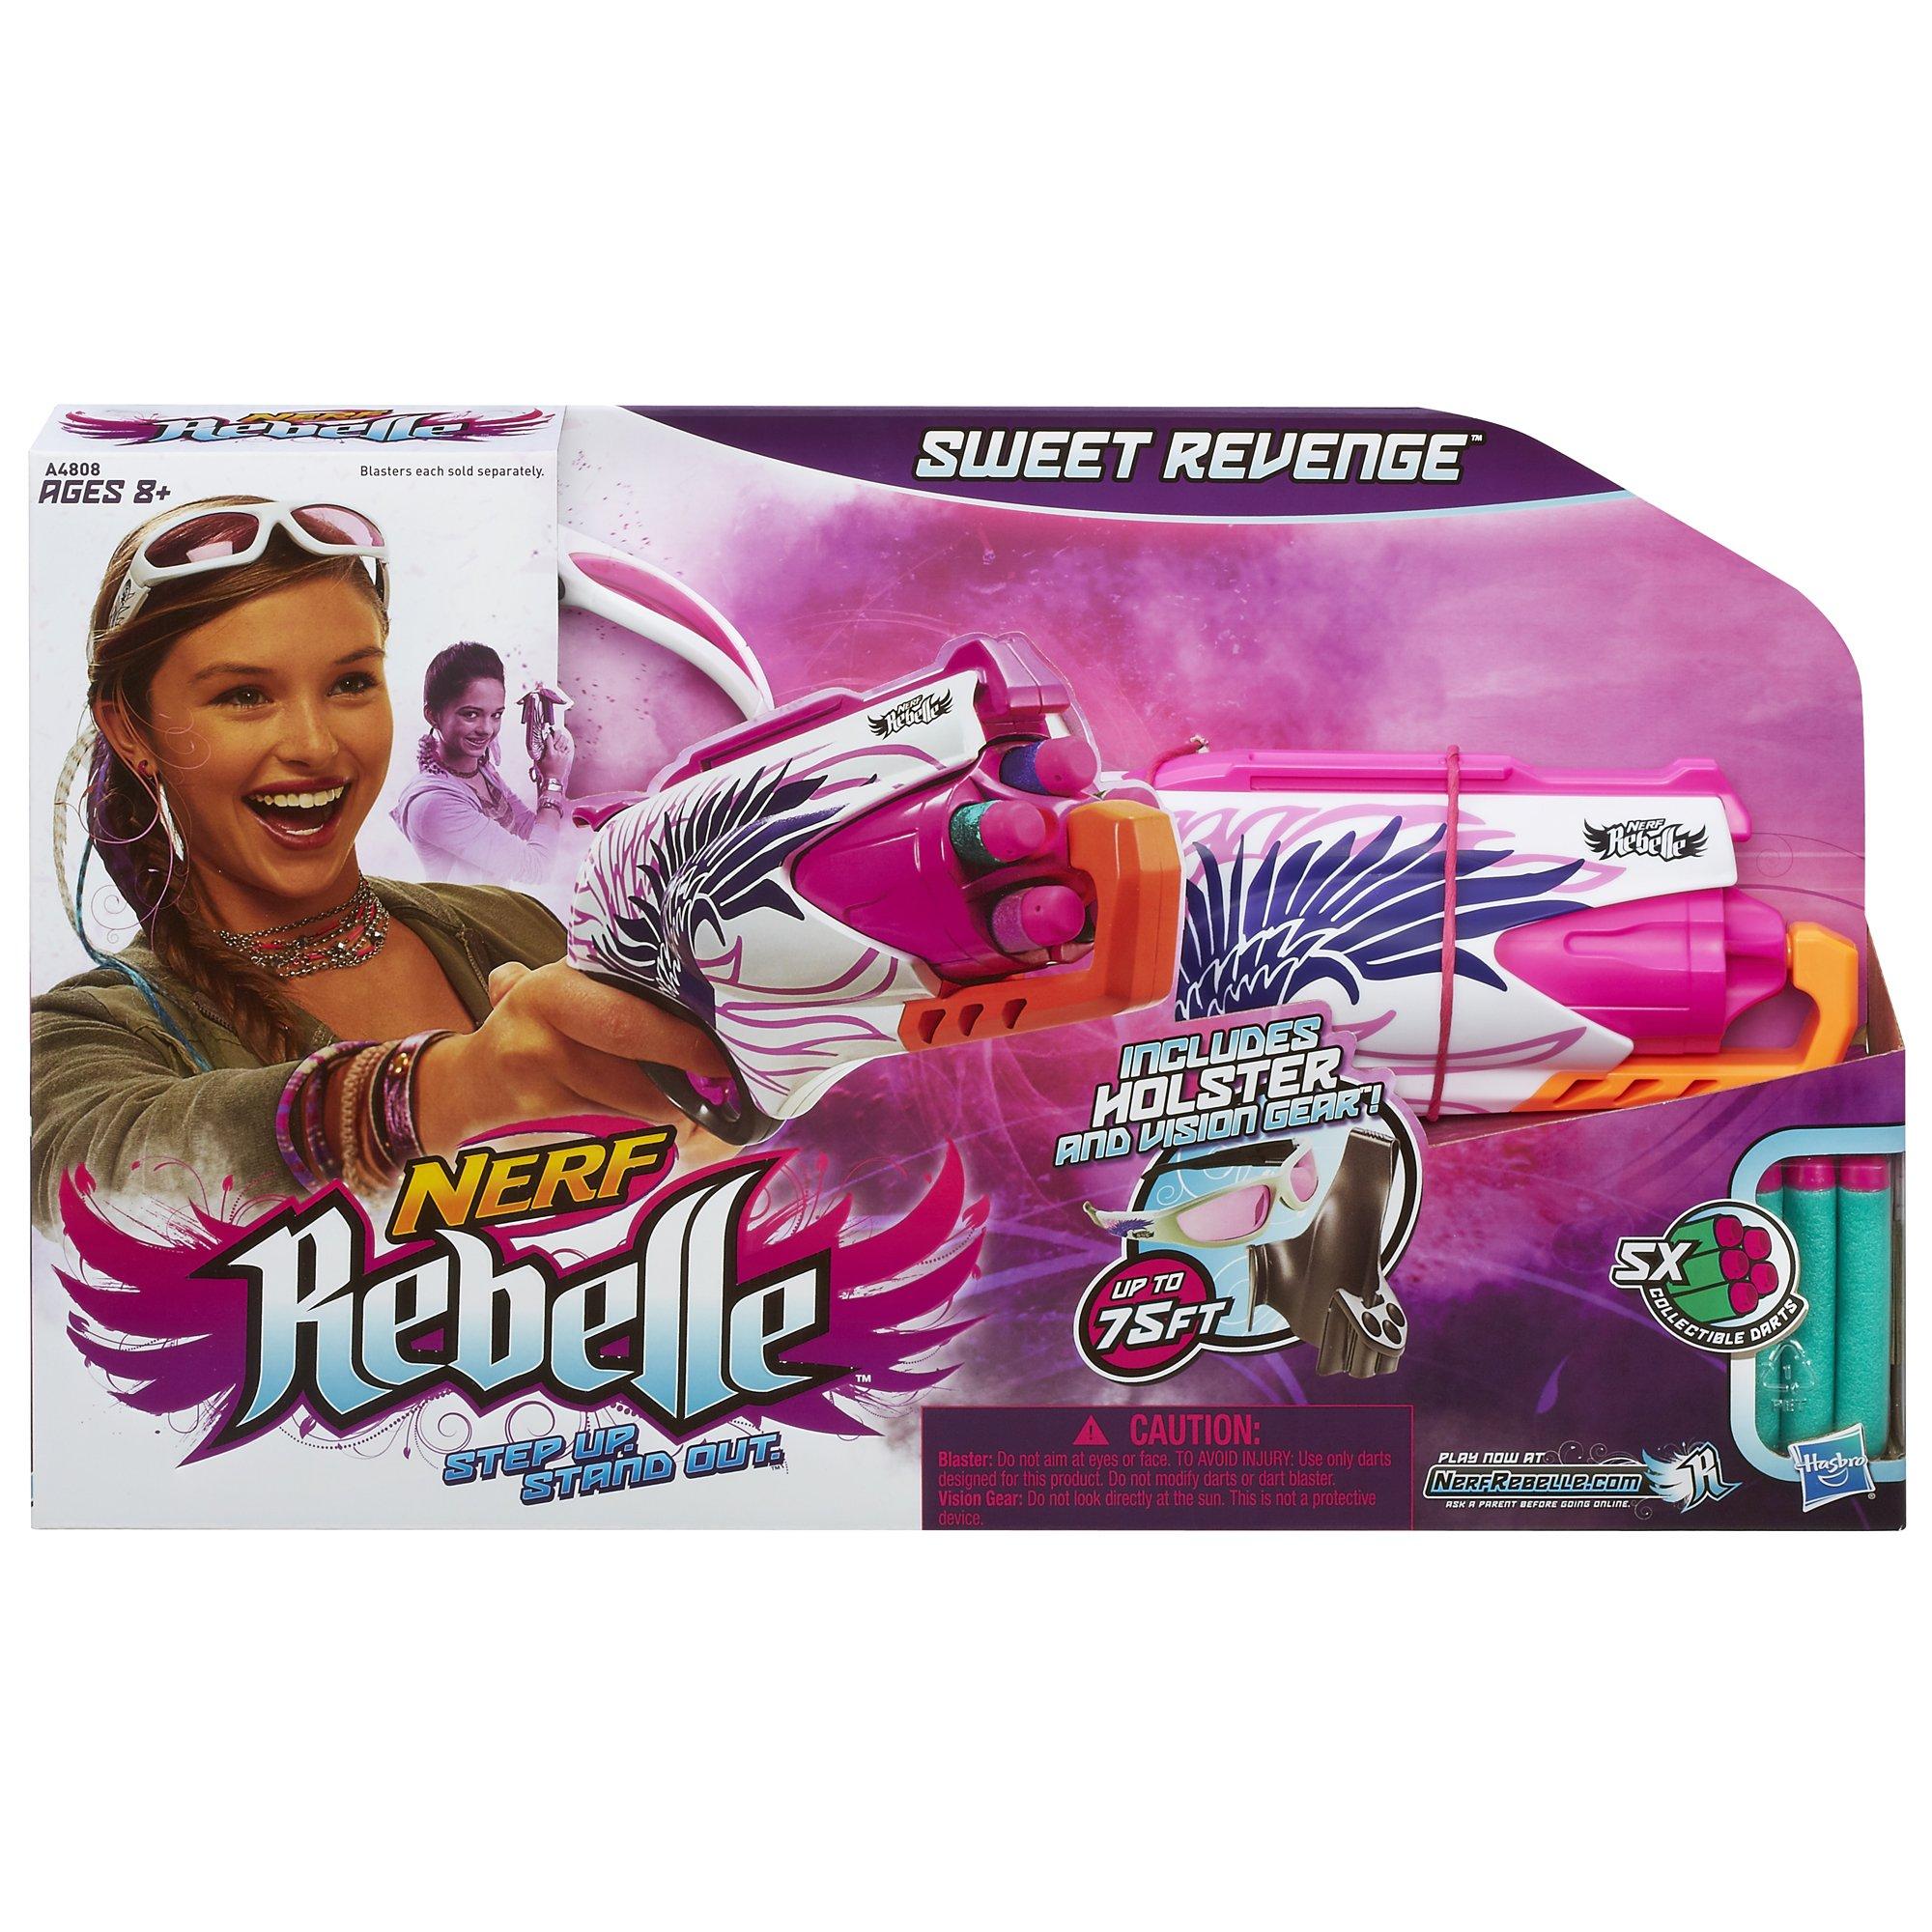 Hasbro Nerf Rebelle Sweet Revenge Dart Kit by Hasbro (Image #2)